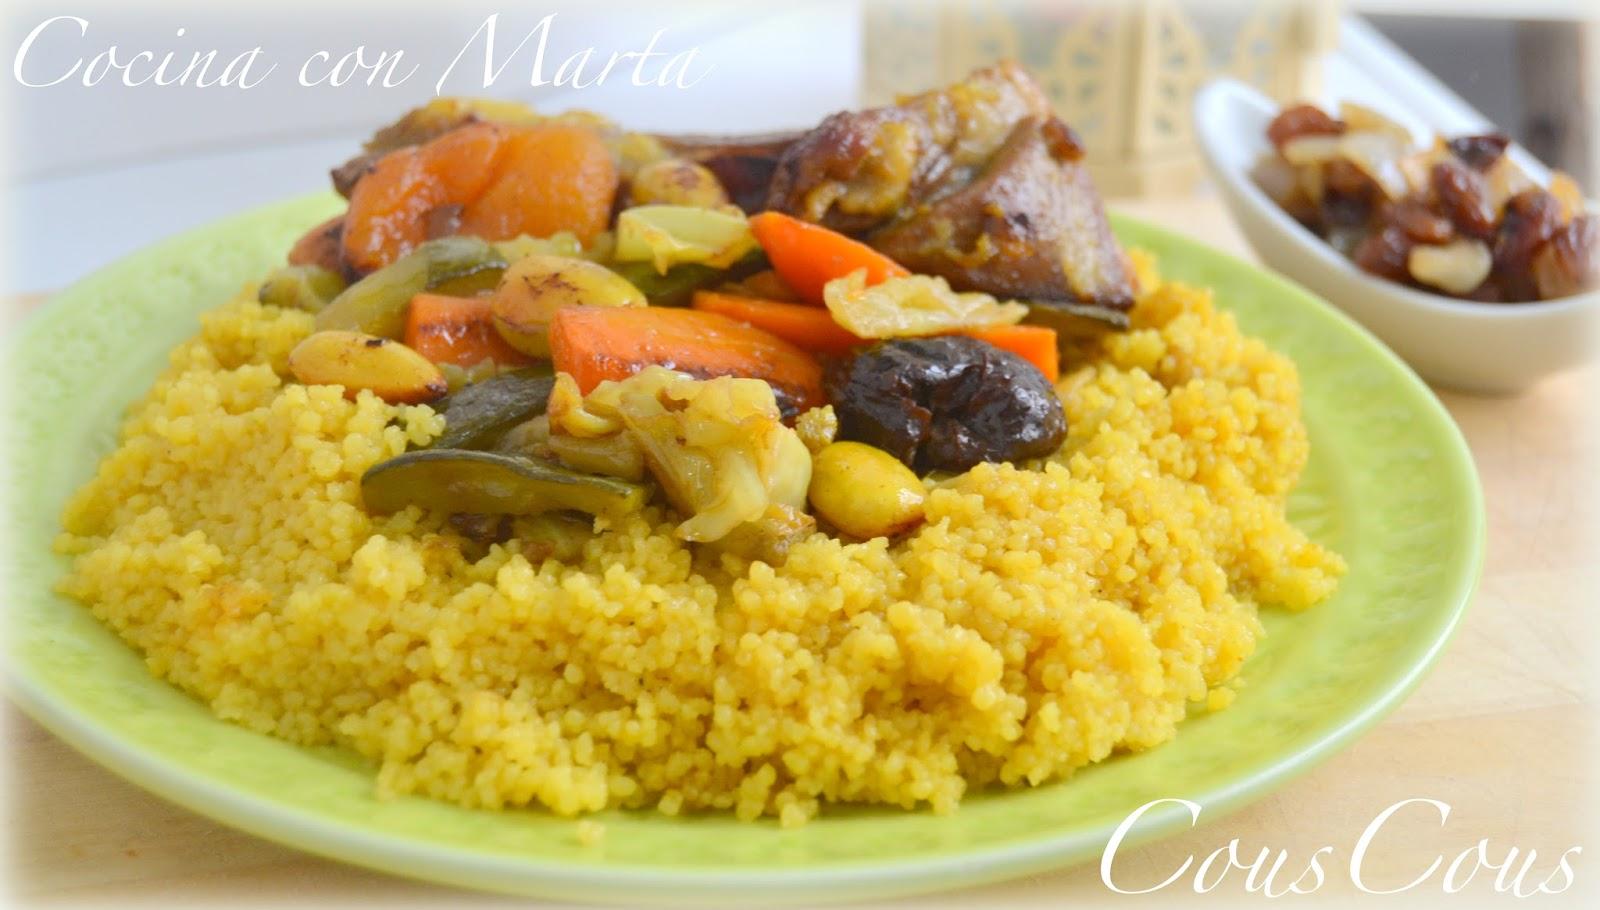 Cous cous marroquí, casero y fácil